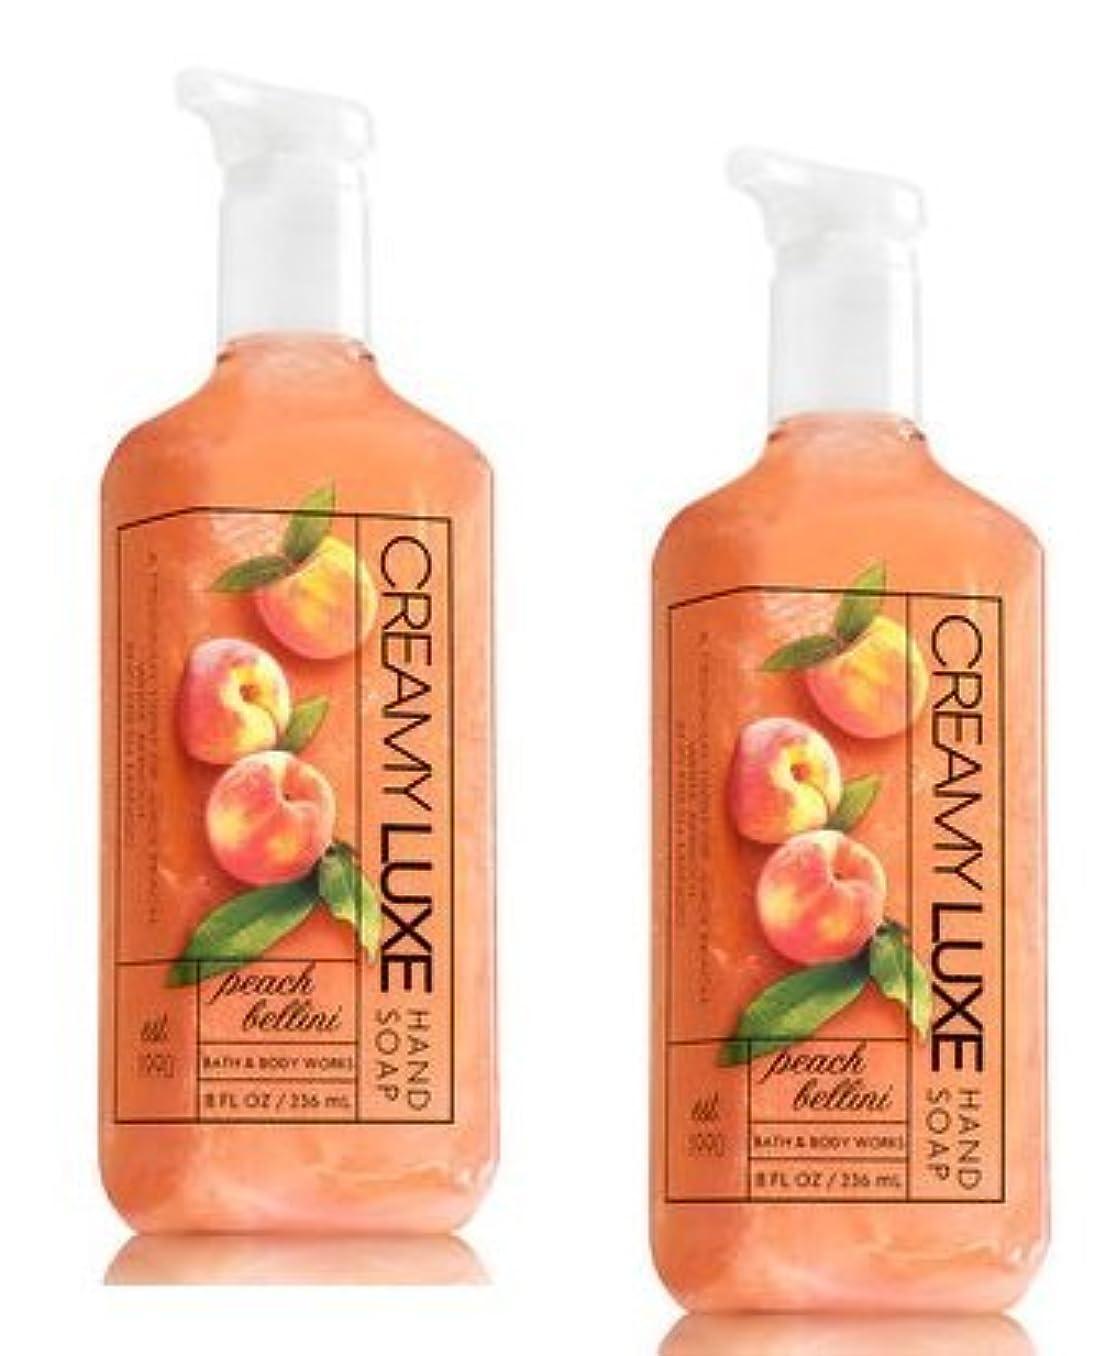 レンズ学ぶ中庭Bath & Body Works ピーチベリーニ クリーミー リュクス ハンドソープ 2本セット PEACH BELLINI Creamy Luxe Hand Soap. 8 oz 236ml [並行輸入品]